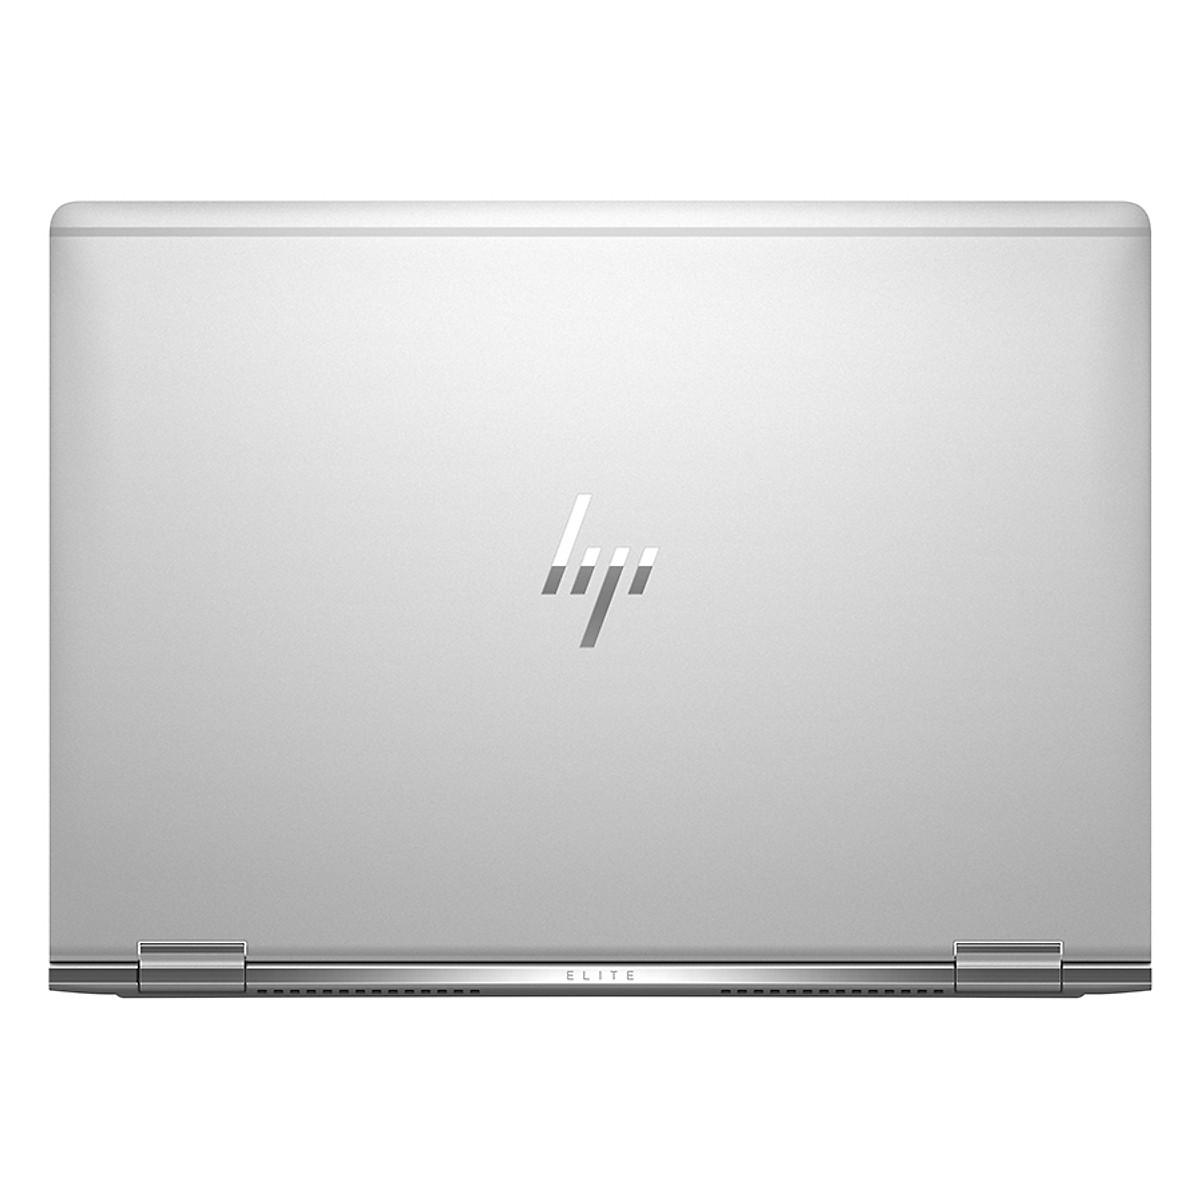 Laptop xách tay Hp X360 1030 G2